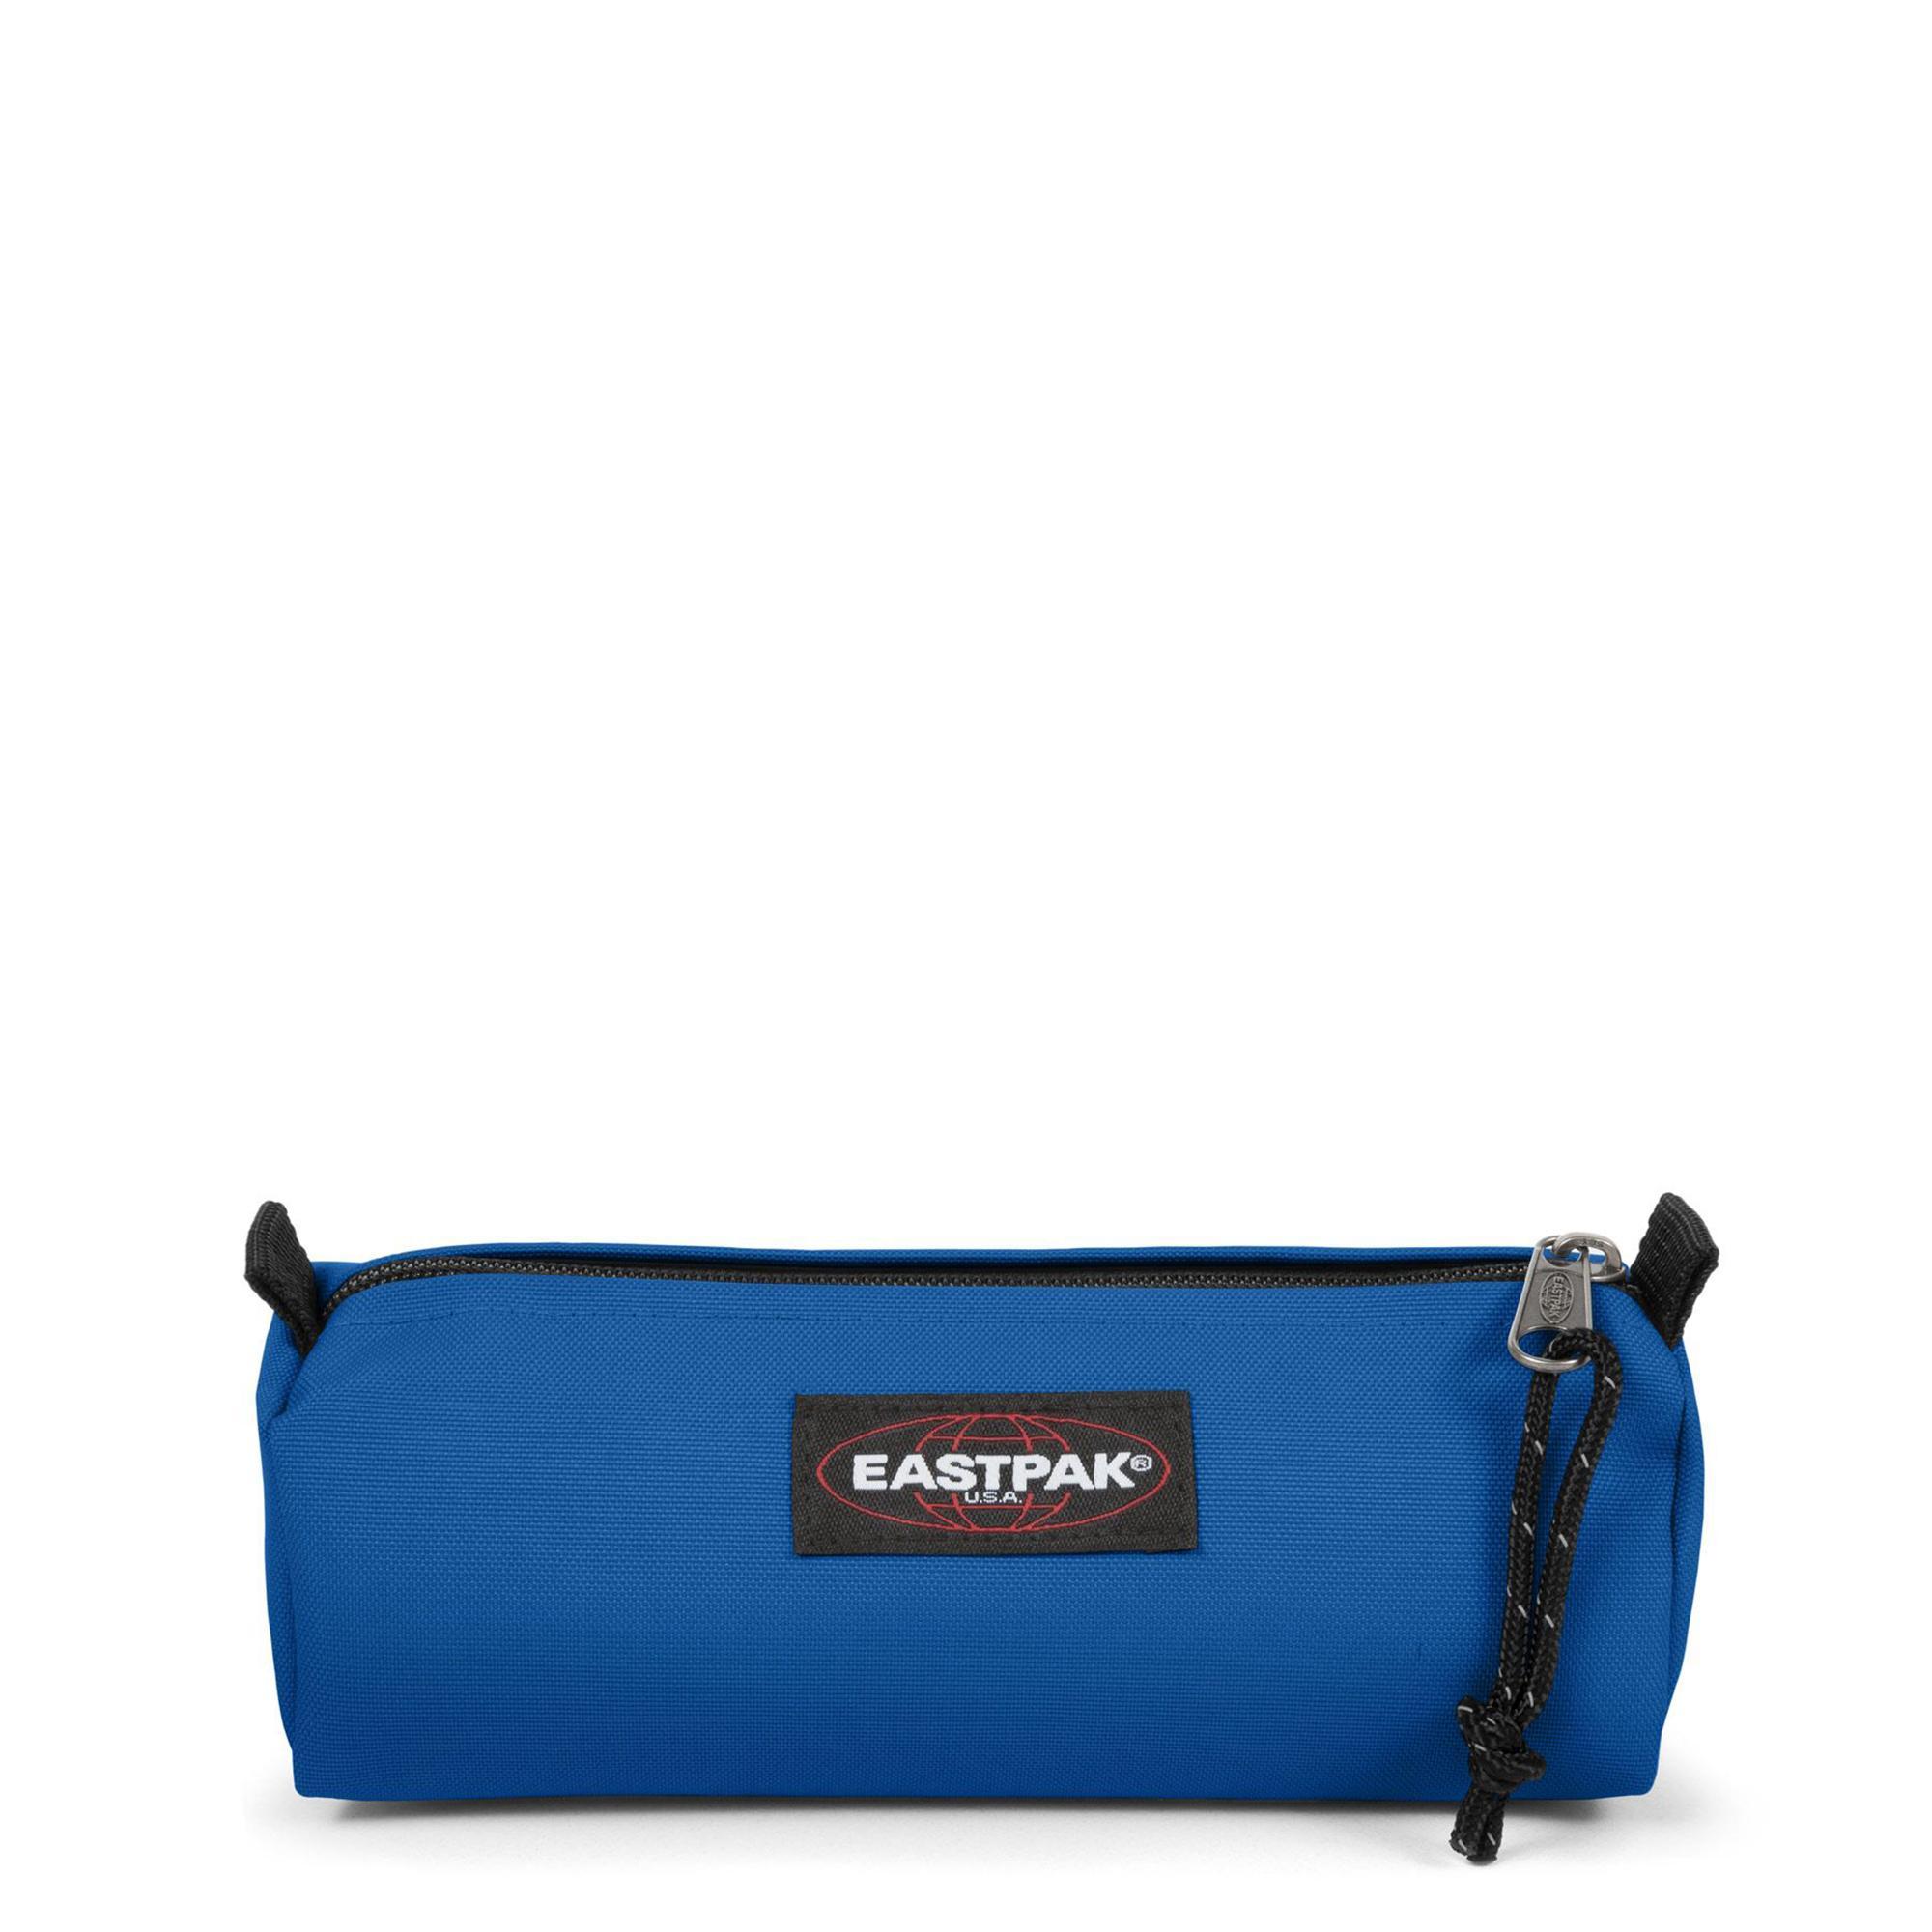 Eastpak Benchmark Single Cobalt blue